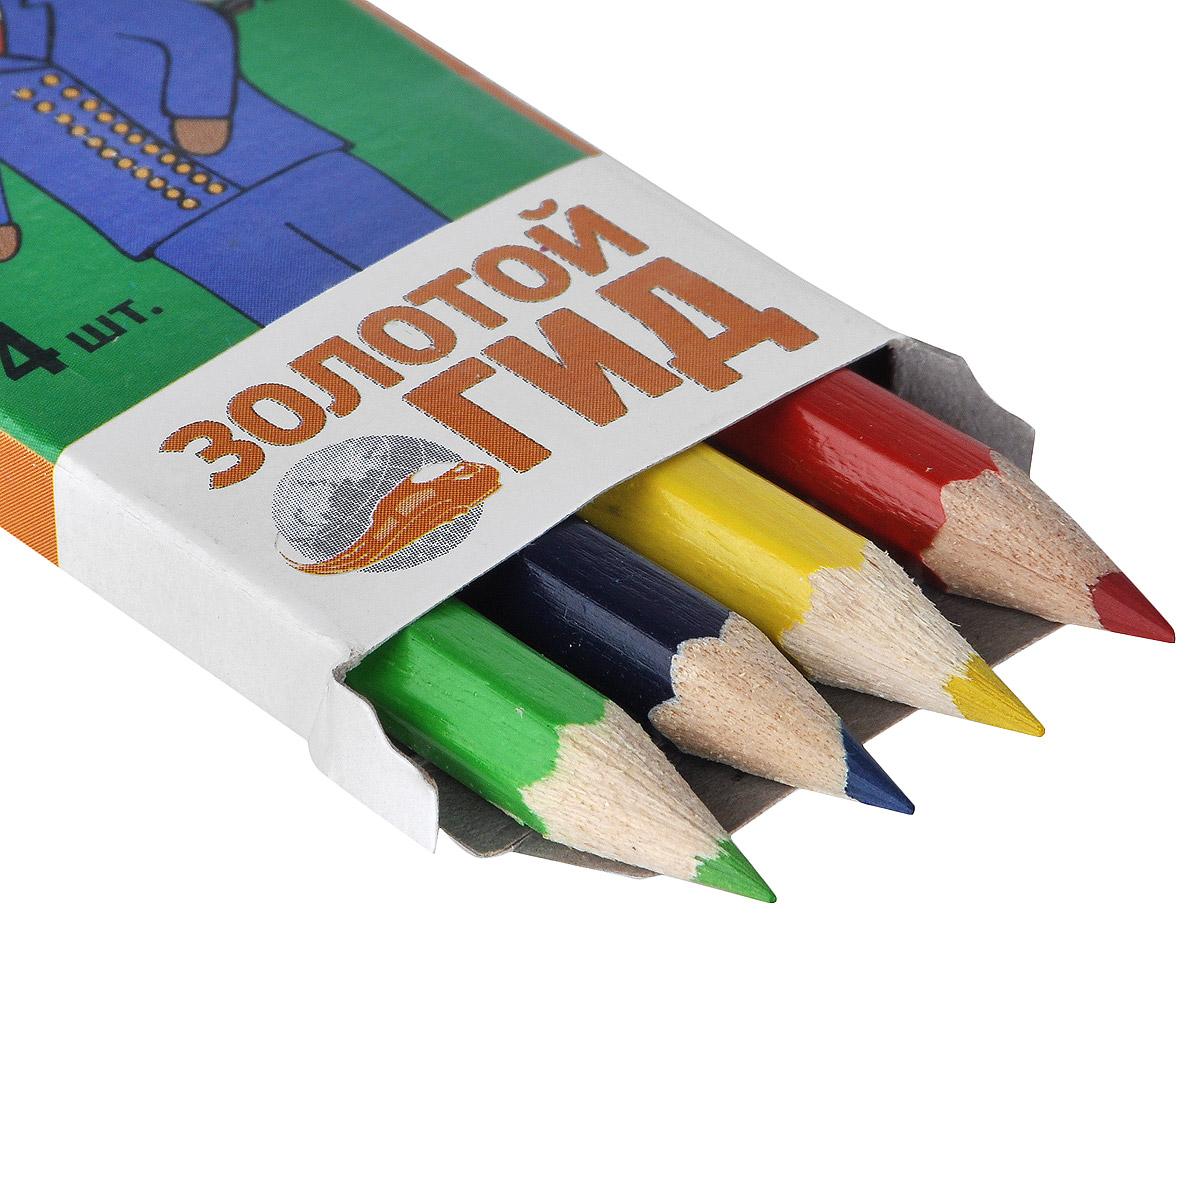 Волшебная палитра (комплект из 3 раскрасок + карандаши в подарок)